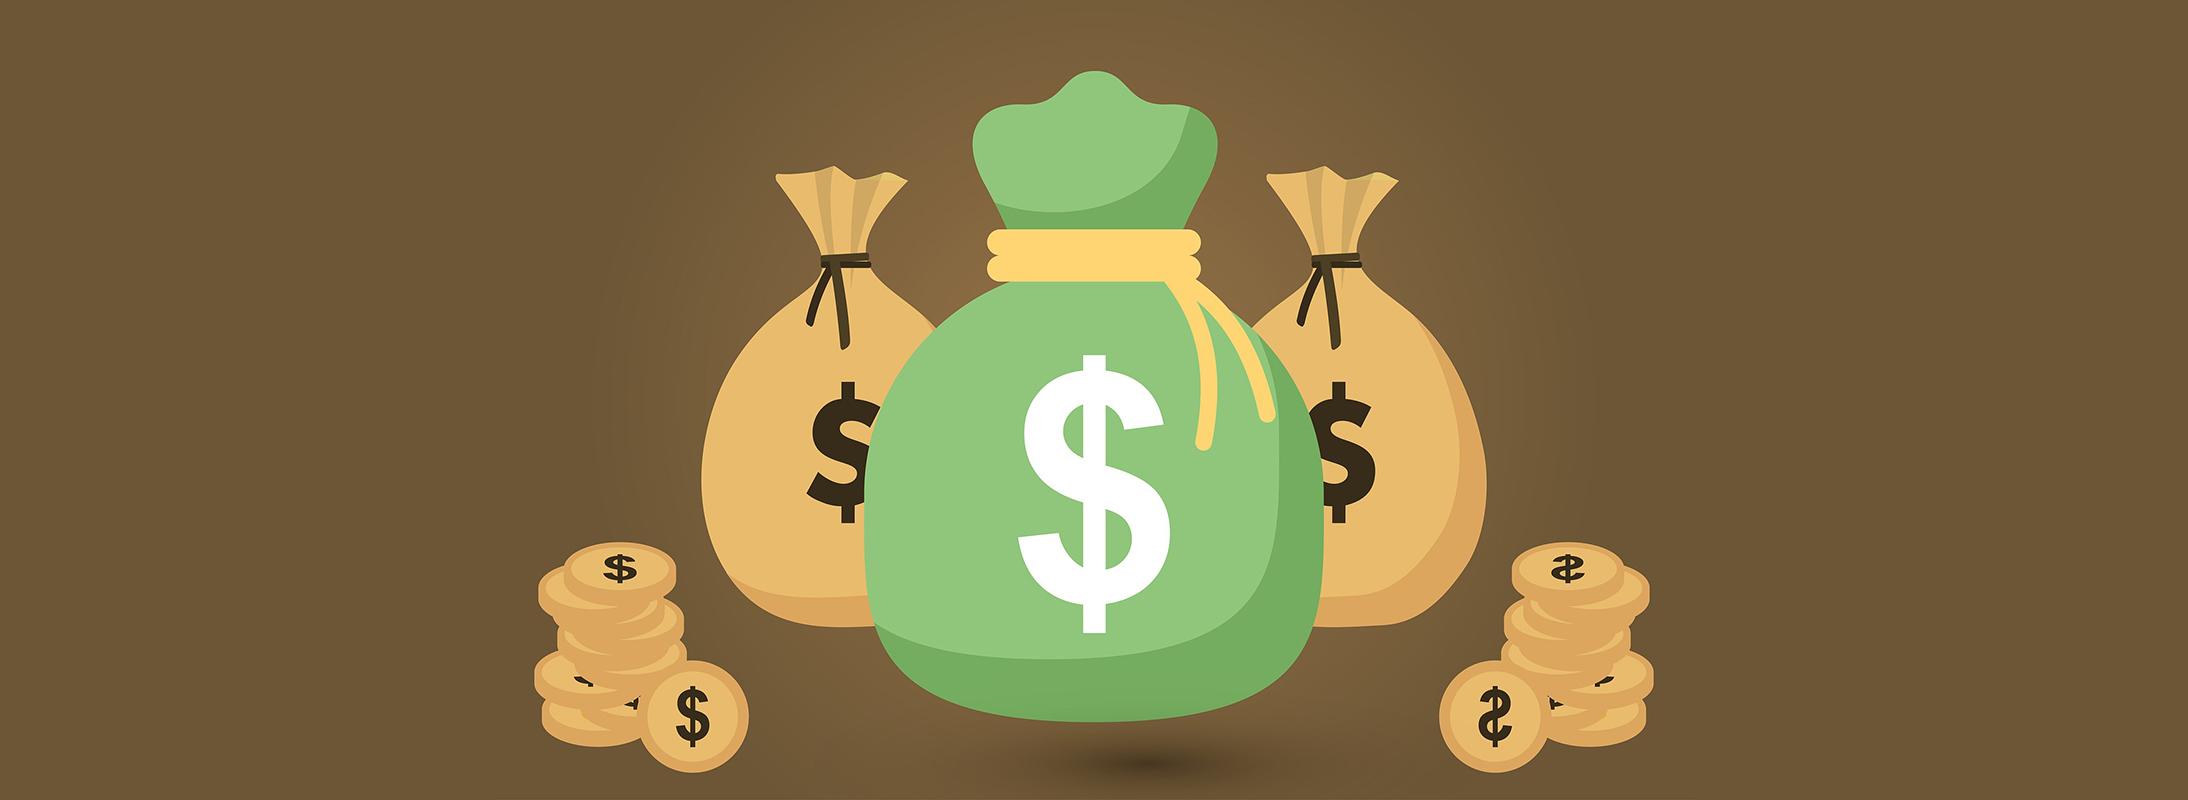 Skal jeg være forsigtig med udbetalinger af bonusser element01 - CasinoTop